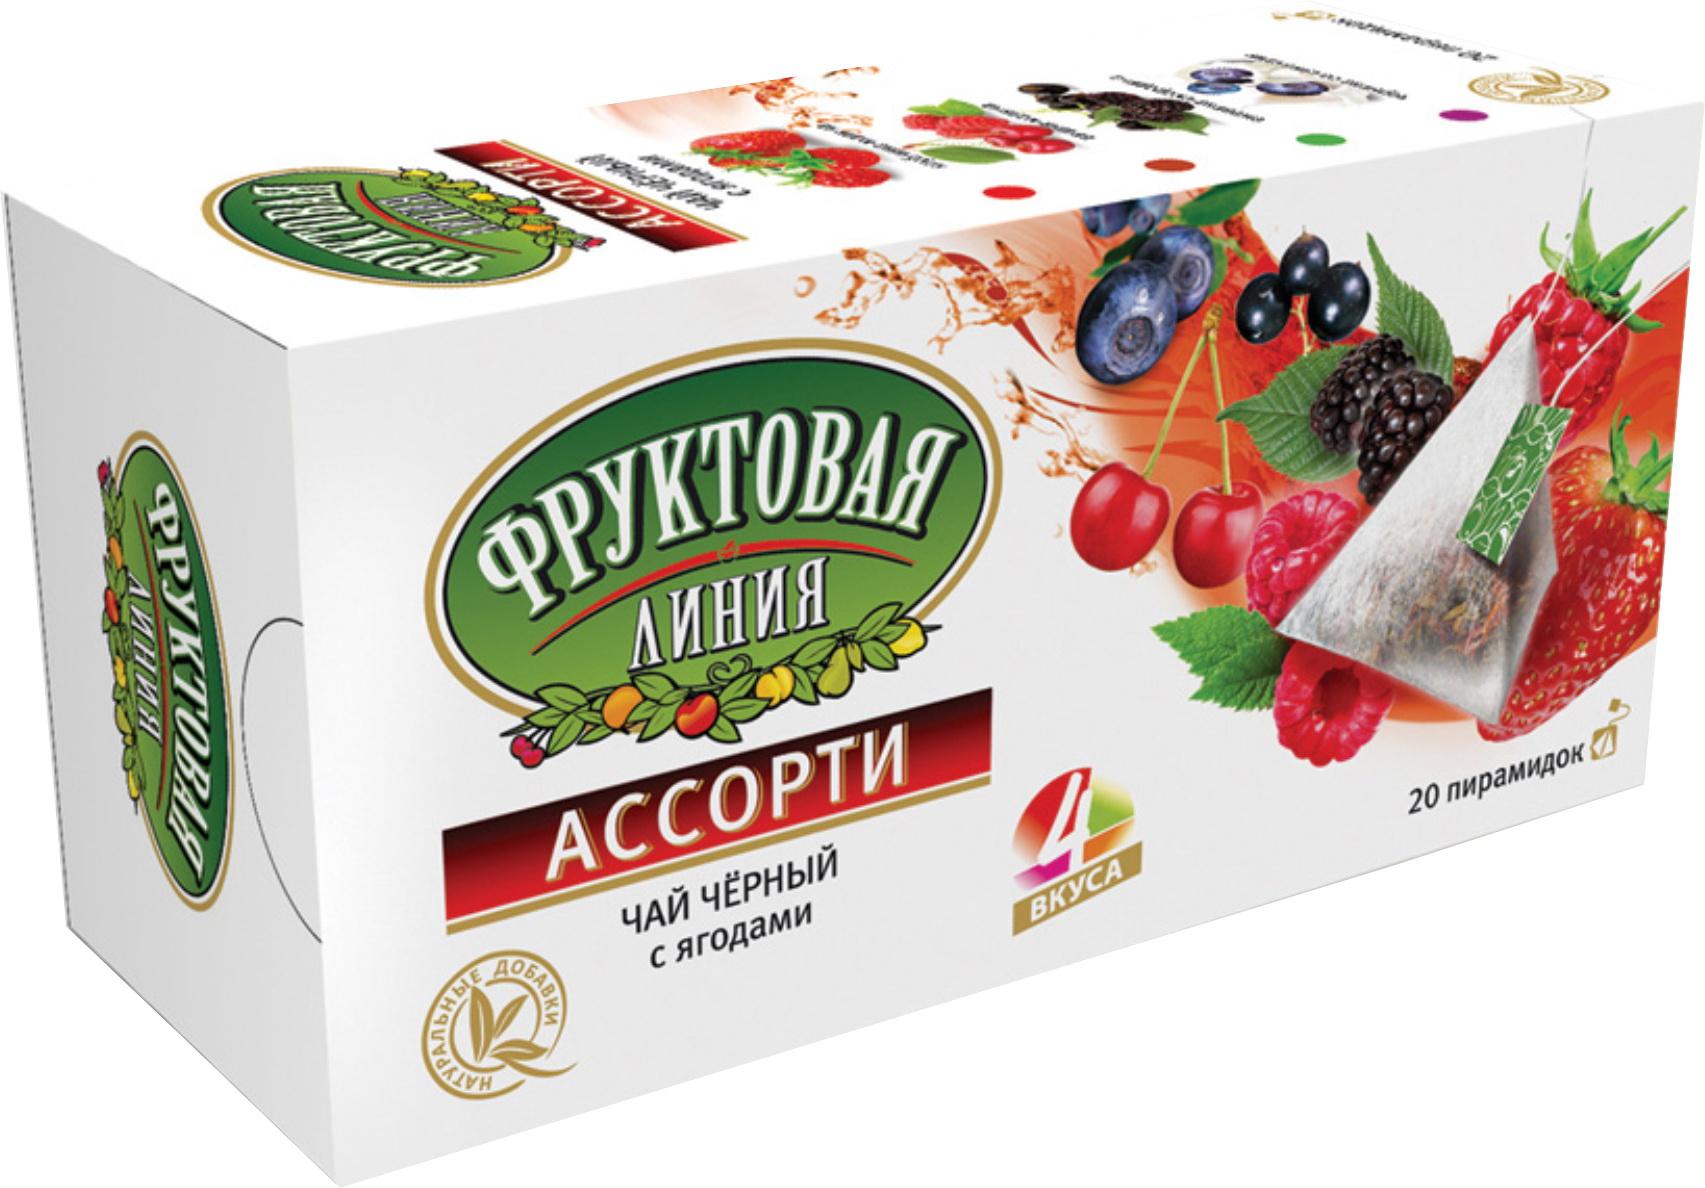 Фруктовая линия Ассорти с ягодами черный чай в пирамидках, 20 шт (4 вкуса)101246Фруктовая линия - это яркая коллекция черного, ягодного и травяного чаев с восхитительными ароматами в популярном формате Ассорти.